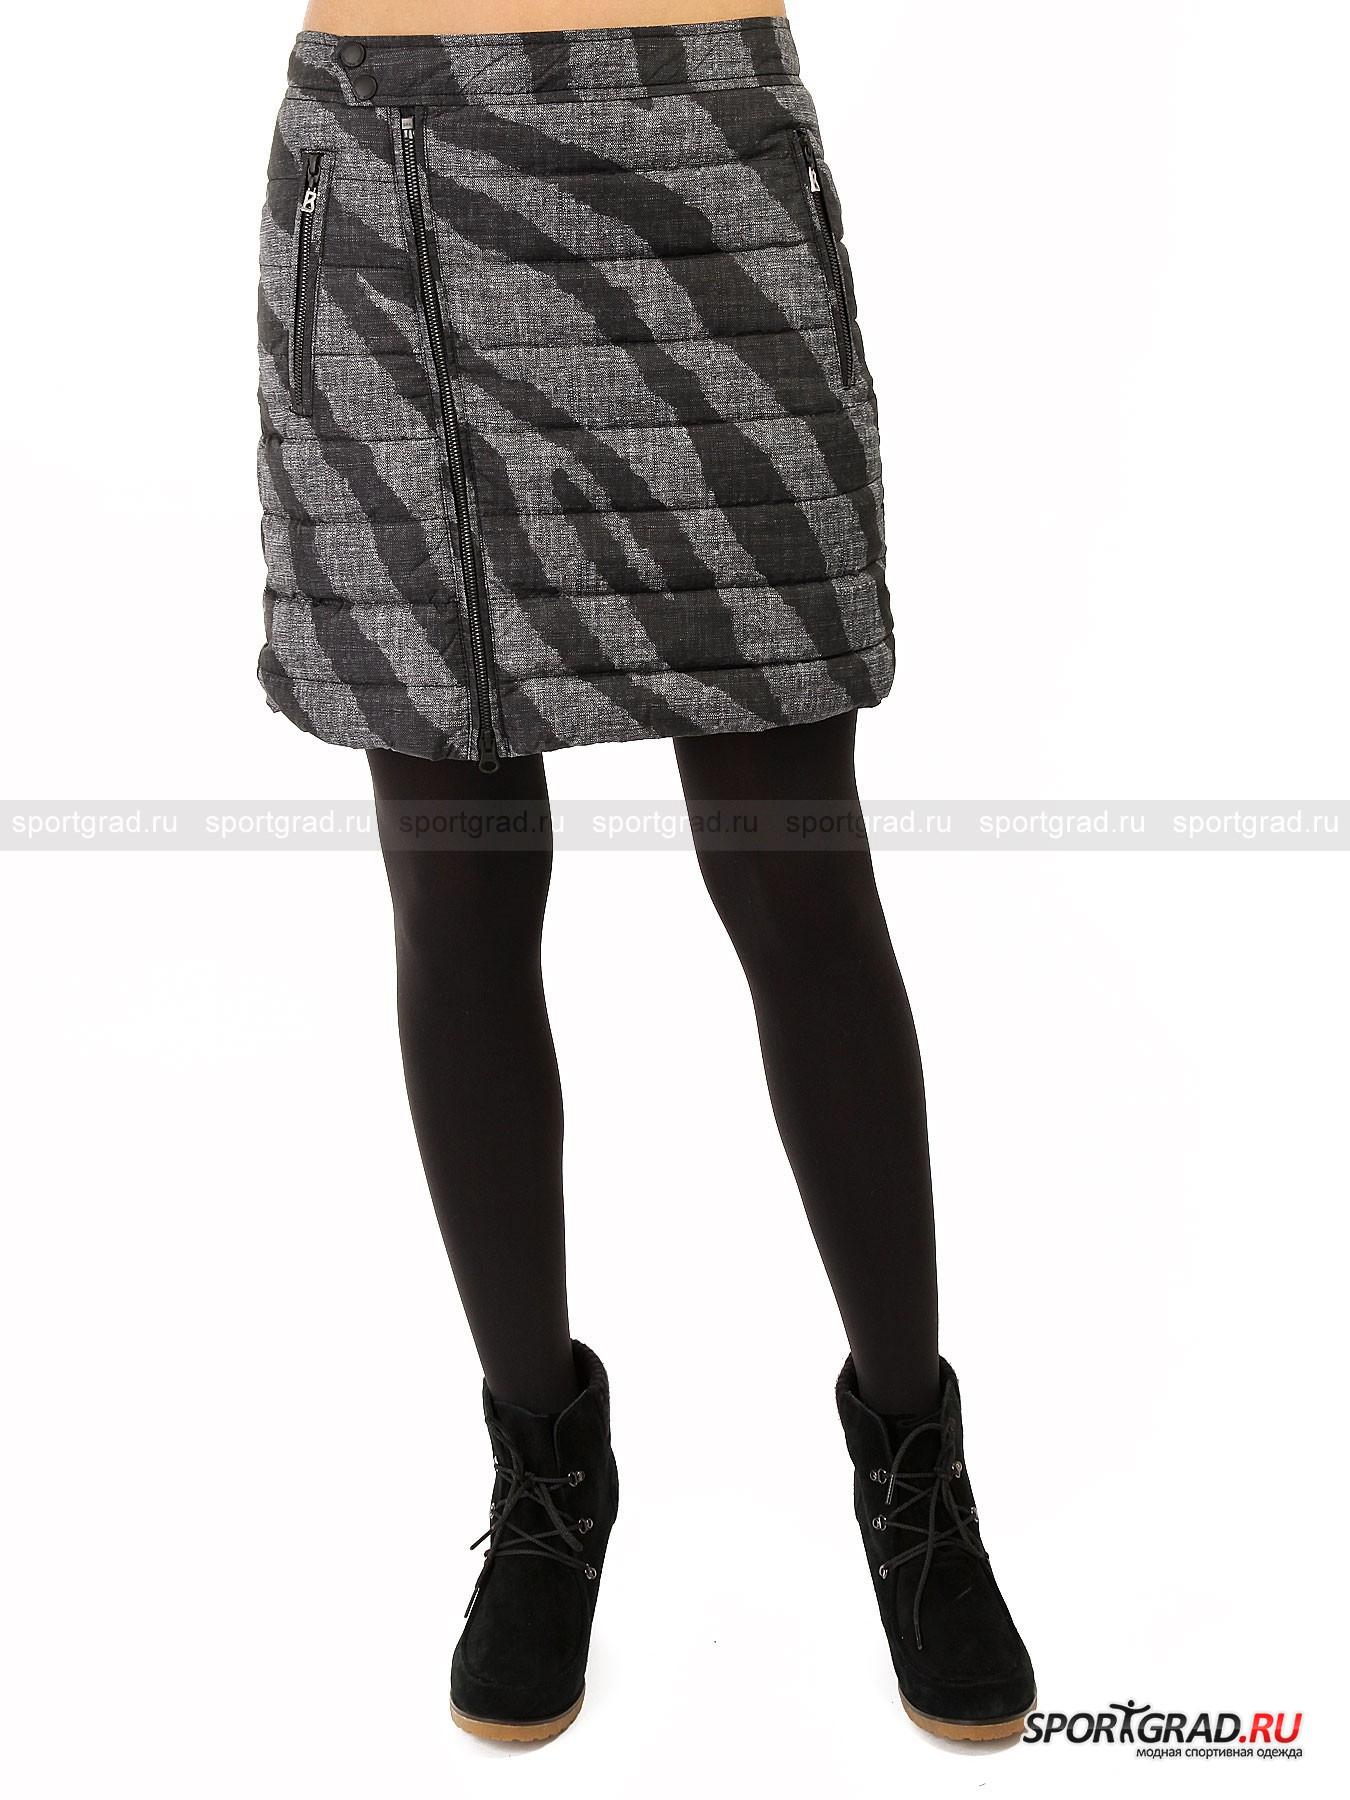 Юбка женская BOGNER FIRE&amp;ICE SophyЮбки<br>Коллекции BOGNER FIRE&amp;ICE поражают своими оригинальными и необычными дизайнерскими решениями. Это не привычные консервативные вещи, это настоящая диковинка мира моды.<br><br>Женская юбка Sophy поражает универсальным способом ее одевать. Это не классическая модель, которую одевают через ноги. Она полностью расстегивается и распахивается. Благодаря этому ее спокойно можно обернуть вокруг талии и зафиксировать молнией. При этом не стоит забывать, что представленная юбка из зимней коллекции, так что неудивительно, что оригинальные дизайнеры бренда оснастили ее натуральным утеплителем. Настоящее открытие для поклонниц оригинальных предметов гардероба, в которых особую роль играет и практичность вещей.<br><br>•Комбинированная застежка на крючки и металлические кнопки<br>•Два передних кармана на молнии<br>•Стеганая основа<br>•Фирменный логотип компании сзади в районе талии<br><br>Пол: Женский<br>Возраст: Взрослый<br>Тип: Юбки<br>Рекомендации по уходу: Деликатная стирка при 30С, не отбеливать, сушить в барабане стиральной машины разрешено, гладить при температуре не выше 110С, химчистка разрешена.<br>Состав: 100% нейлон, утеплитель – 80% пух/20% перо.